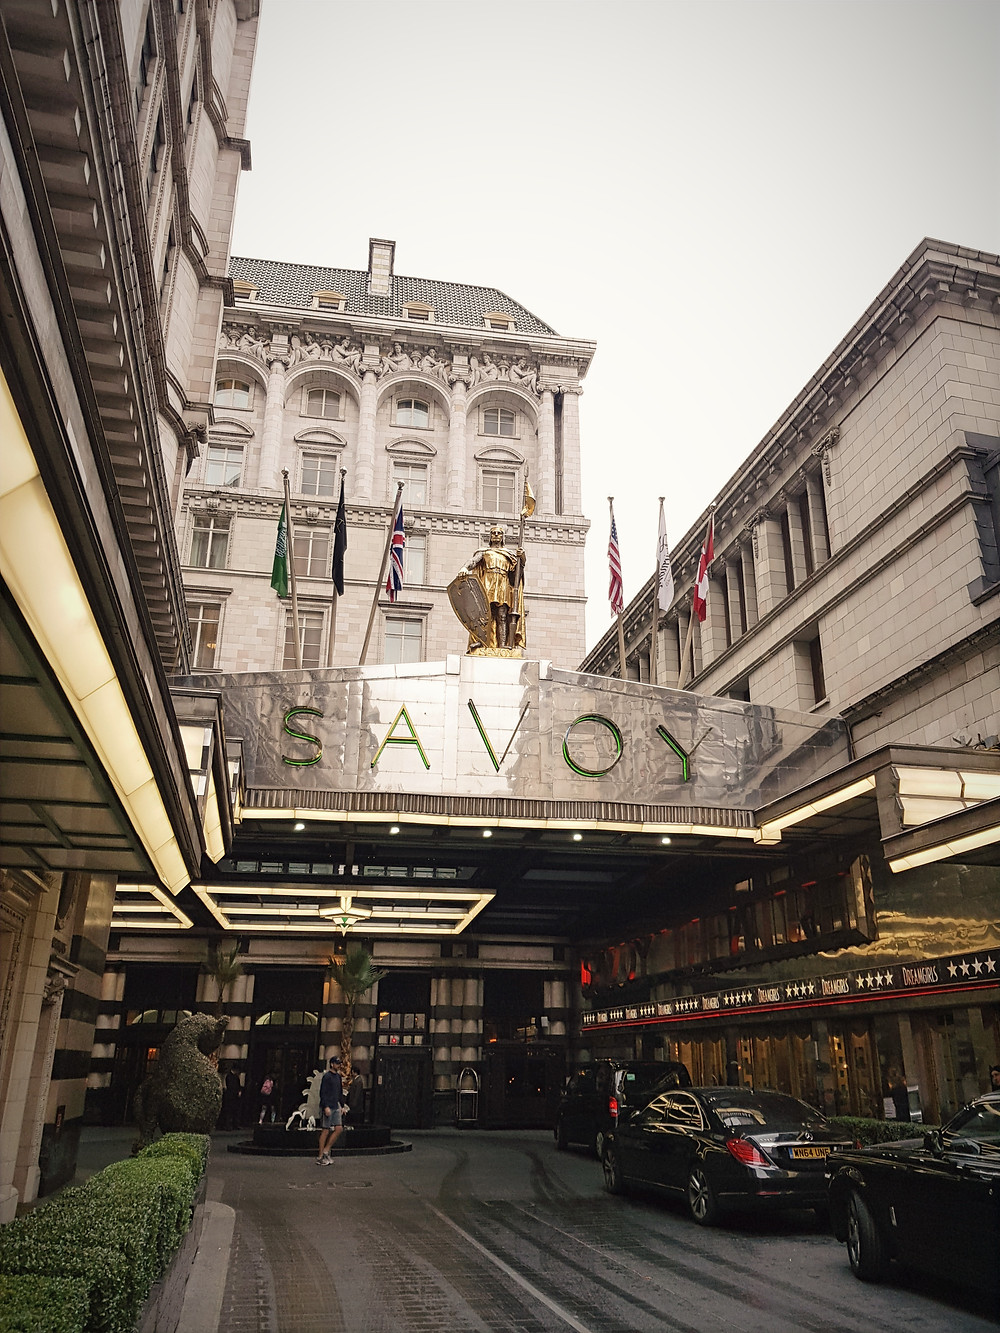 מלון סבוי, מהמפורסמים בלונדון, הנמצא בסמוך לקובנט גארדן